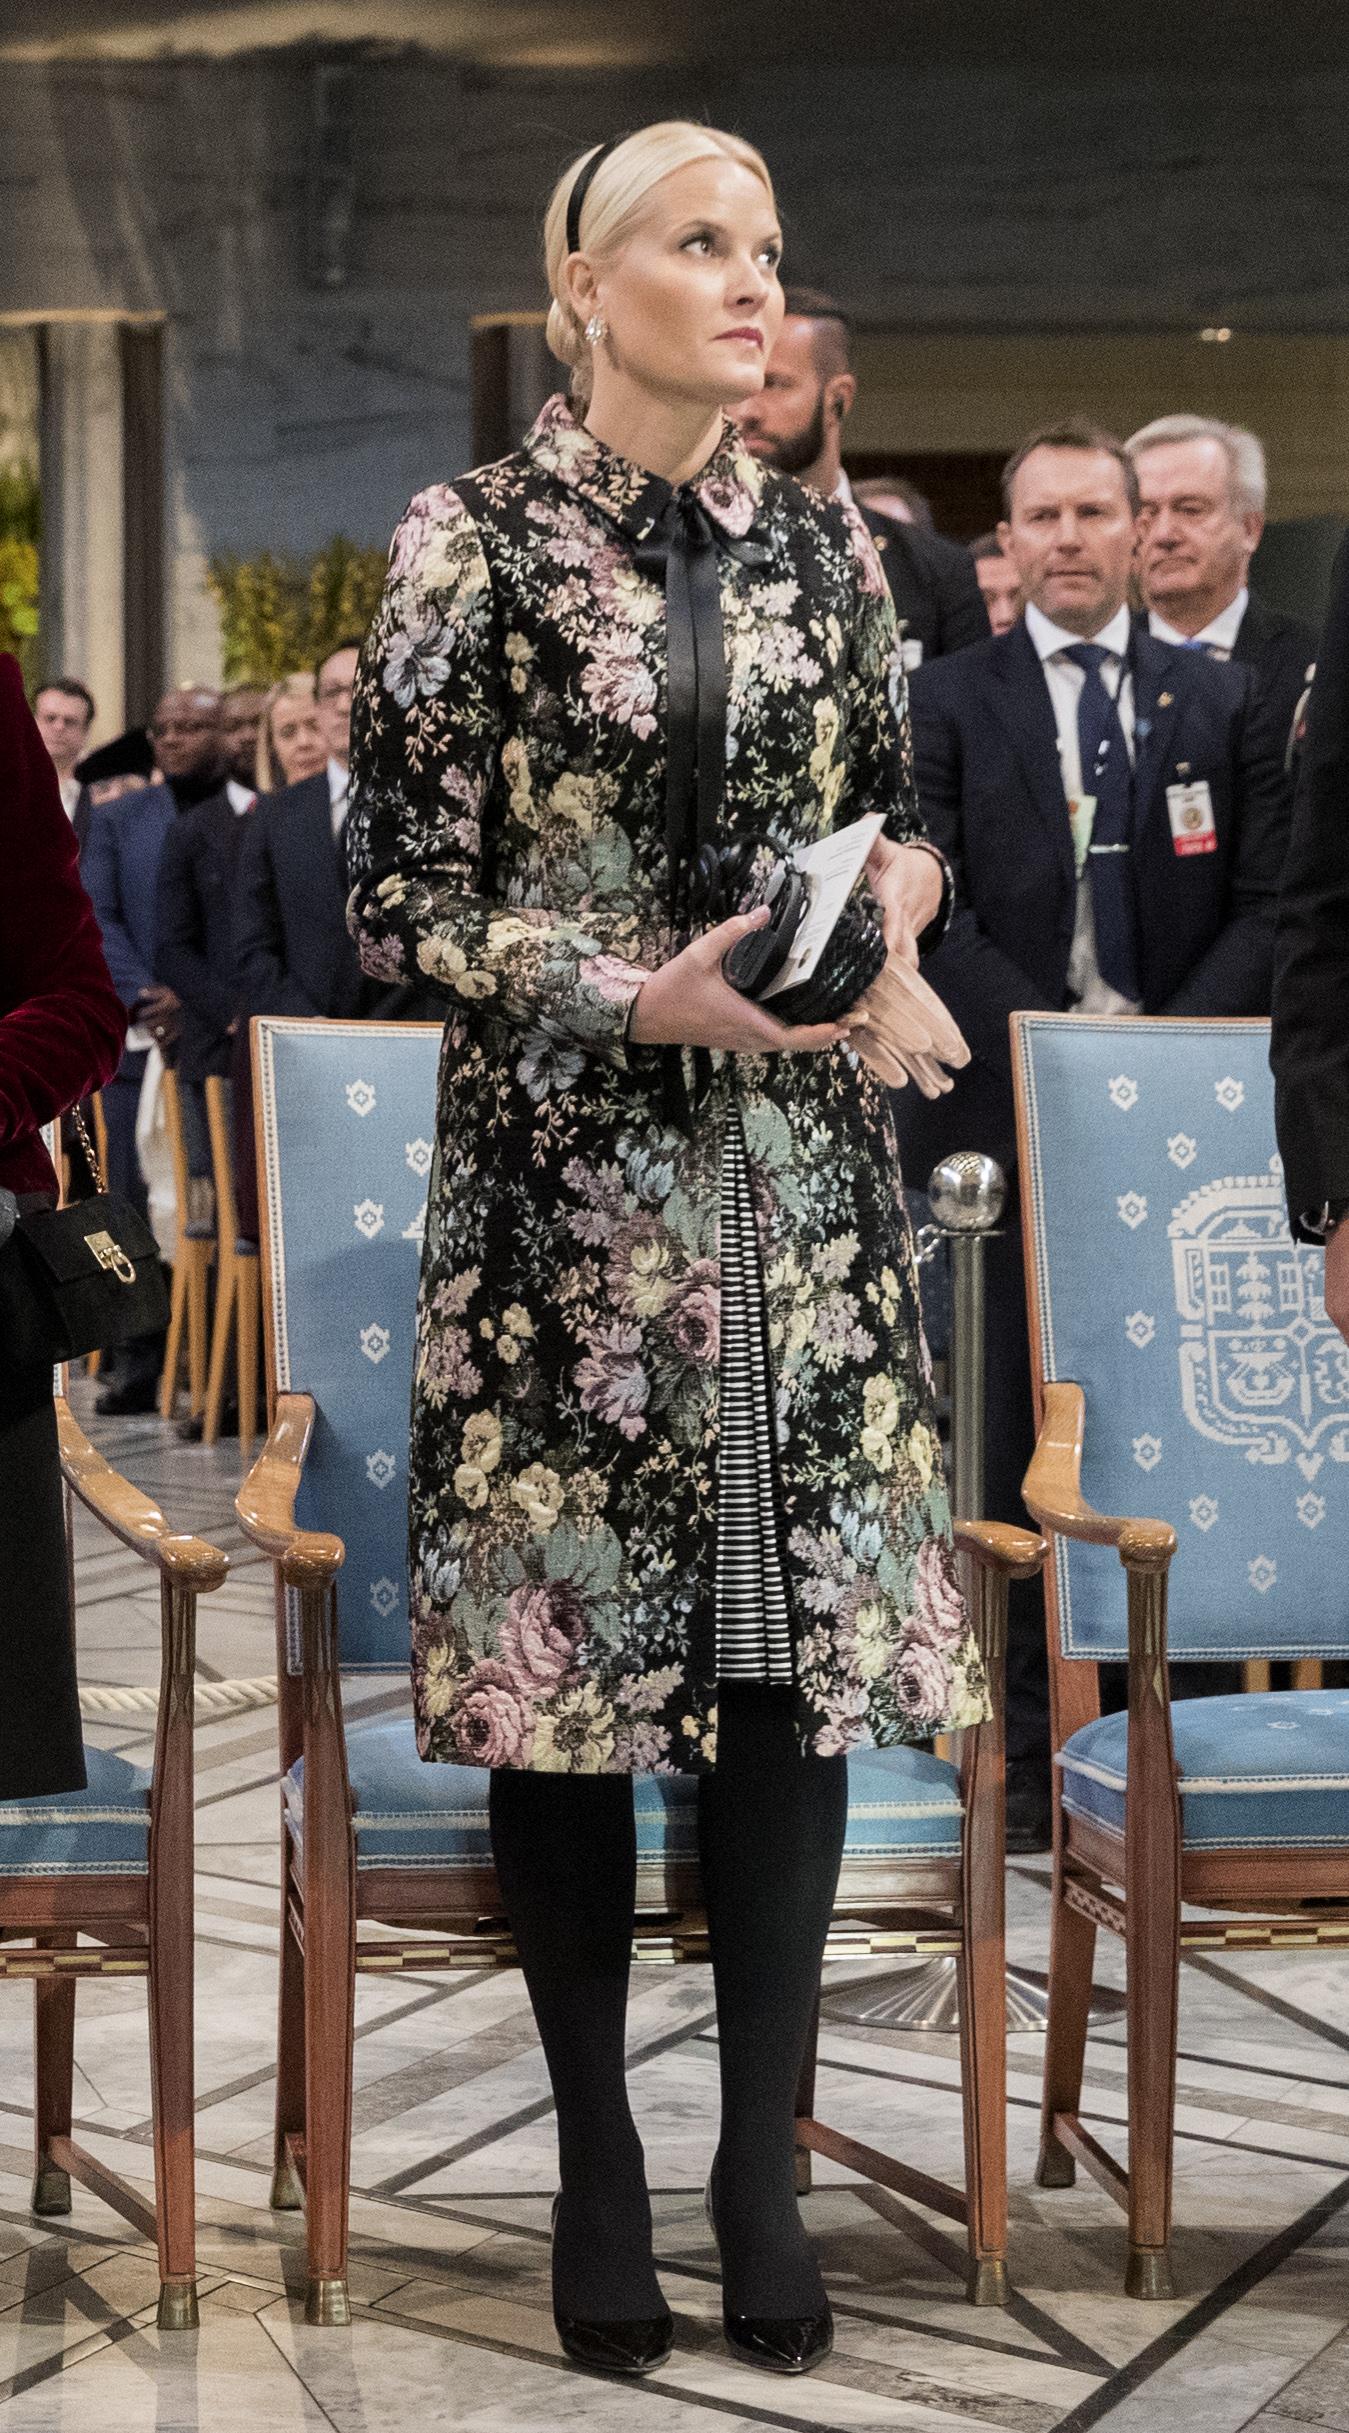 Mette-Marit Nobel